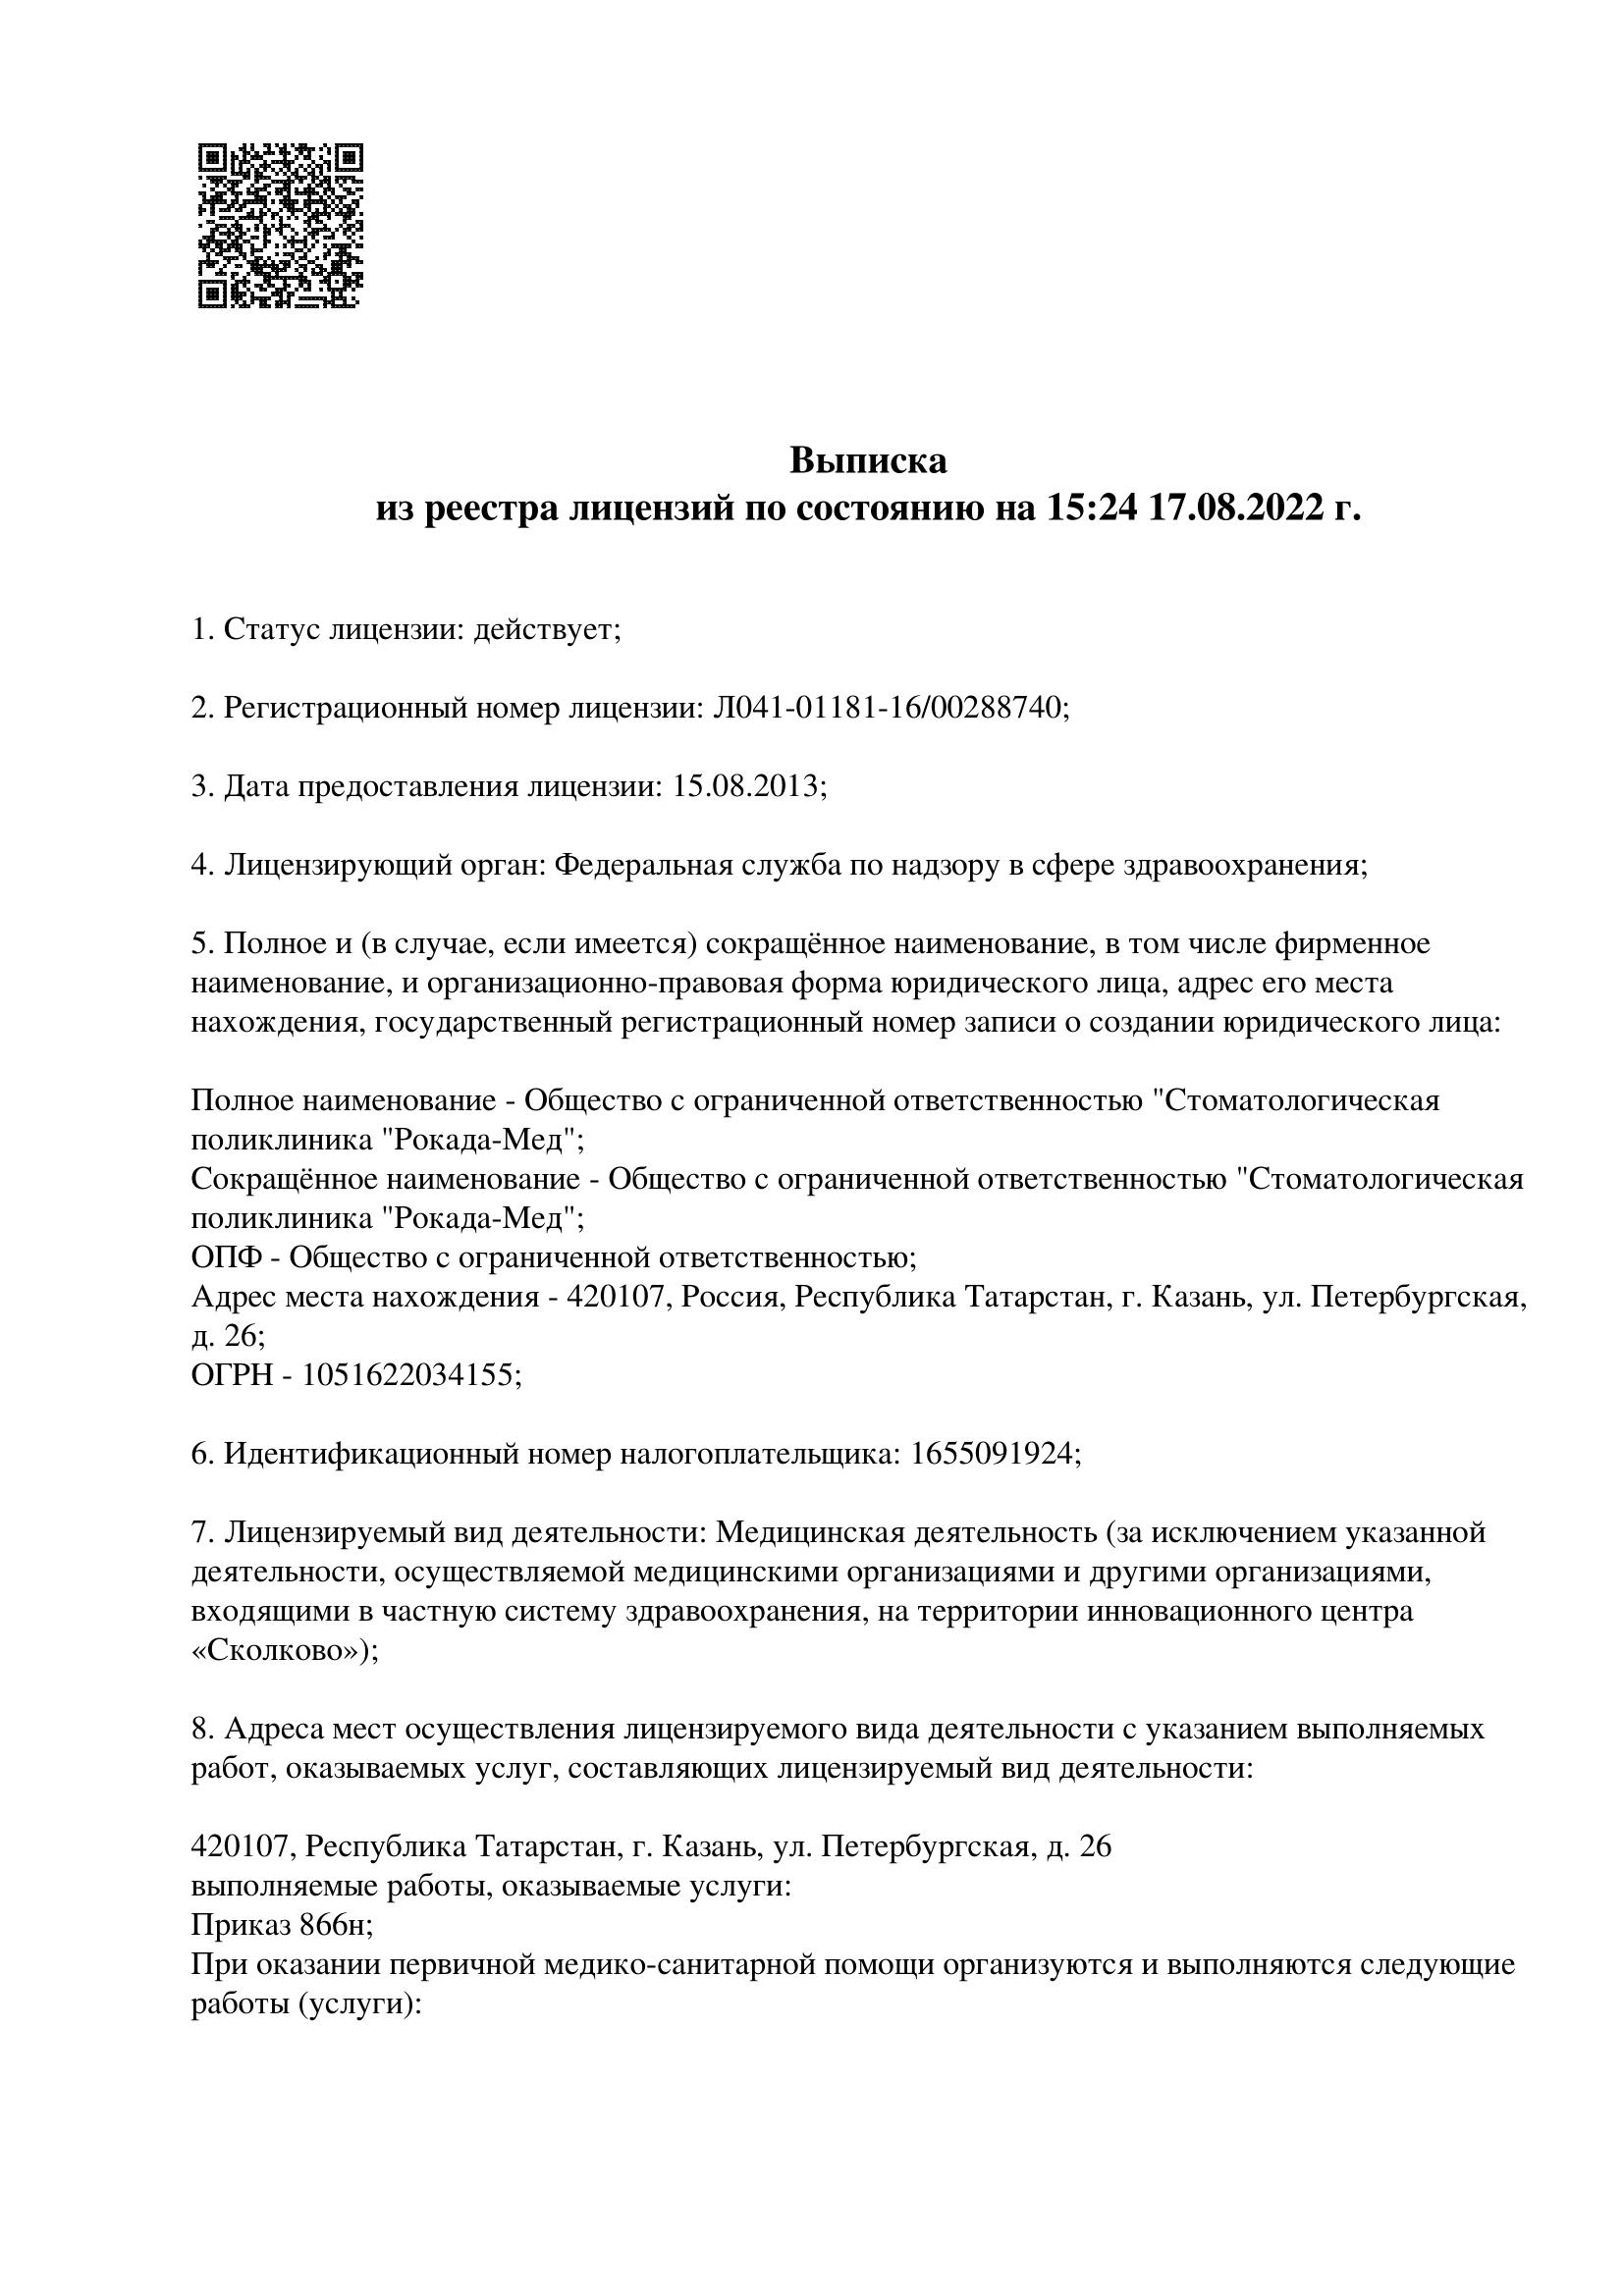 Лицензия на осуществеление медицинской деятельности